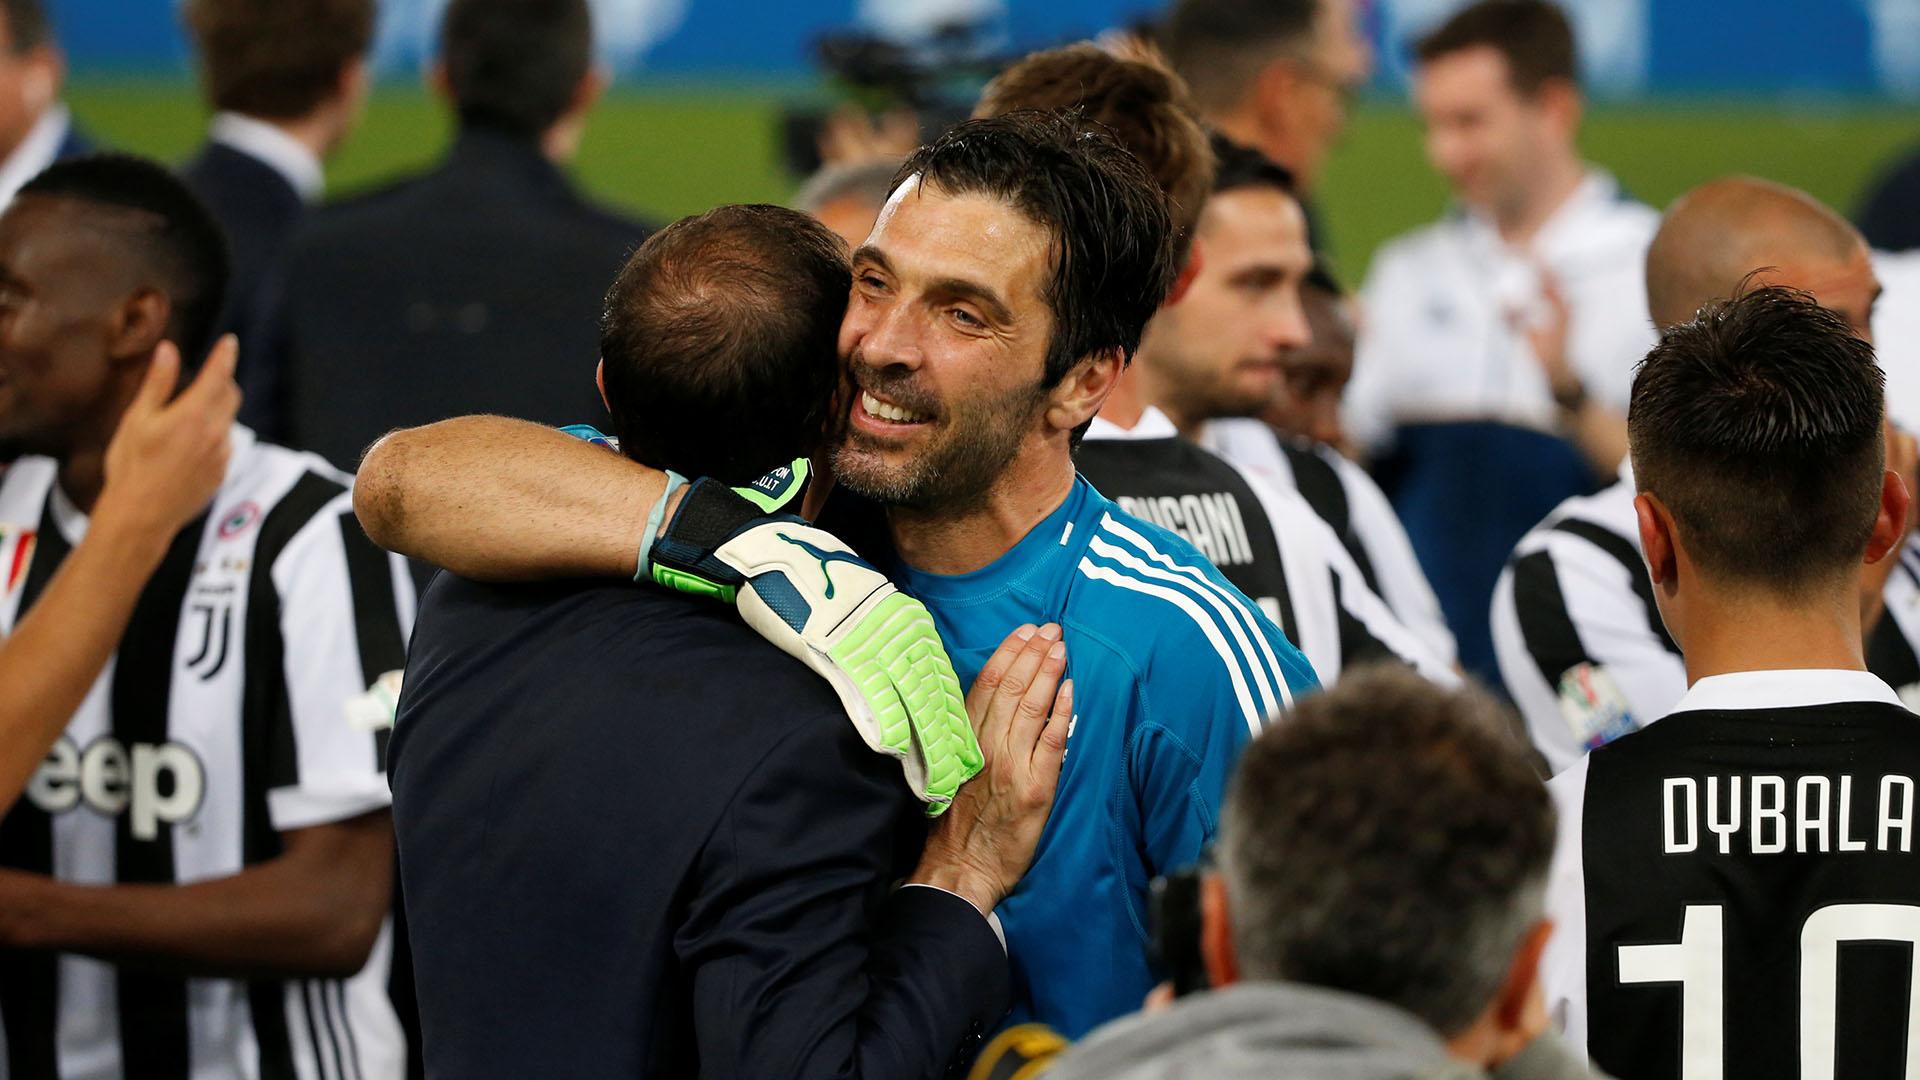 Buffon definirá en los próximos días si sigue jugando o si dice adiós al fútbol (Reuters)